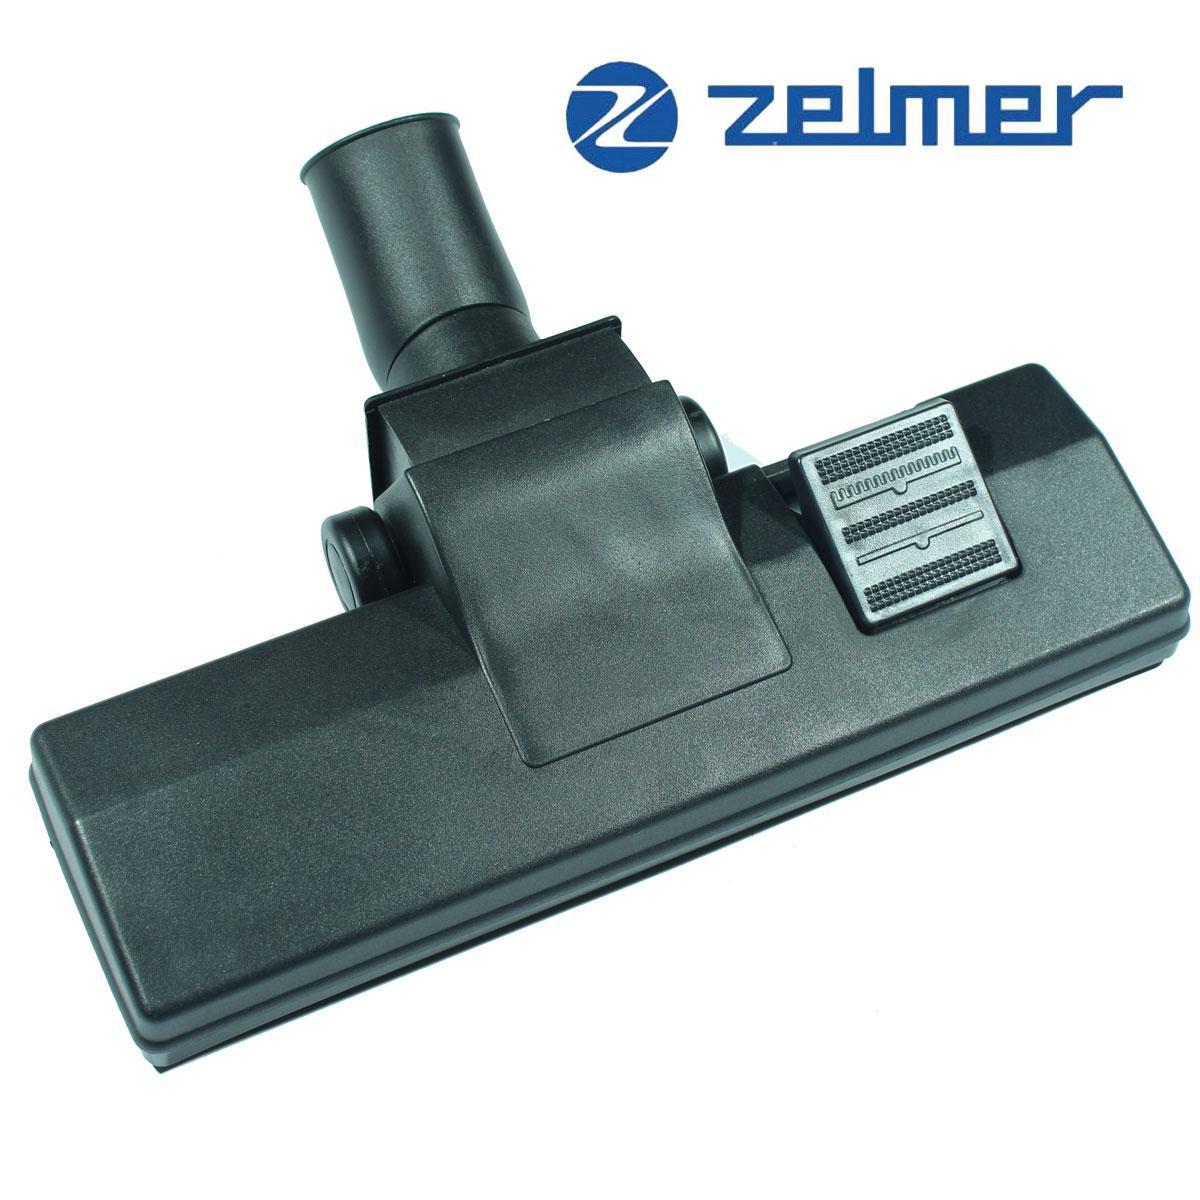 Щетка пол/ковер для пылесоса Zelmer под трубу D=31